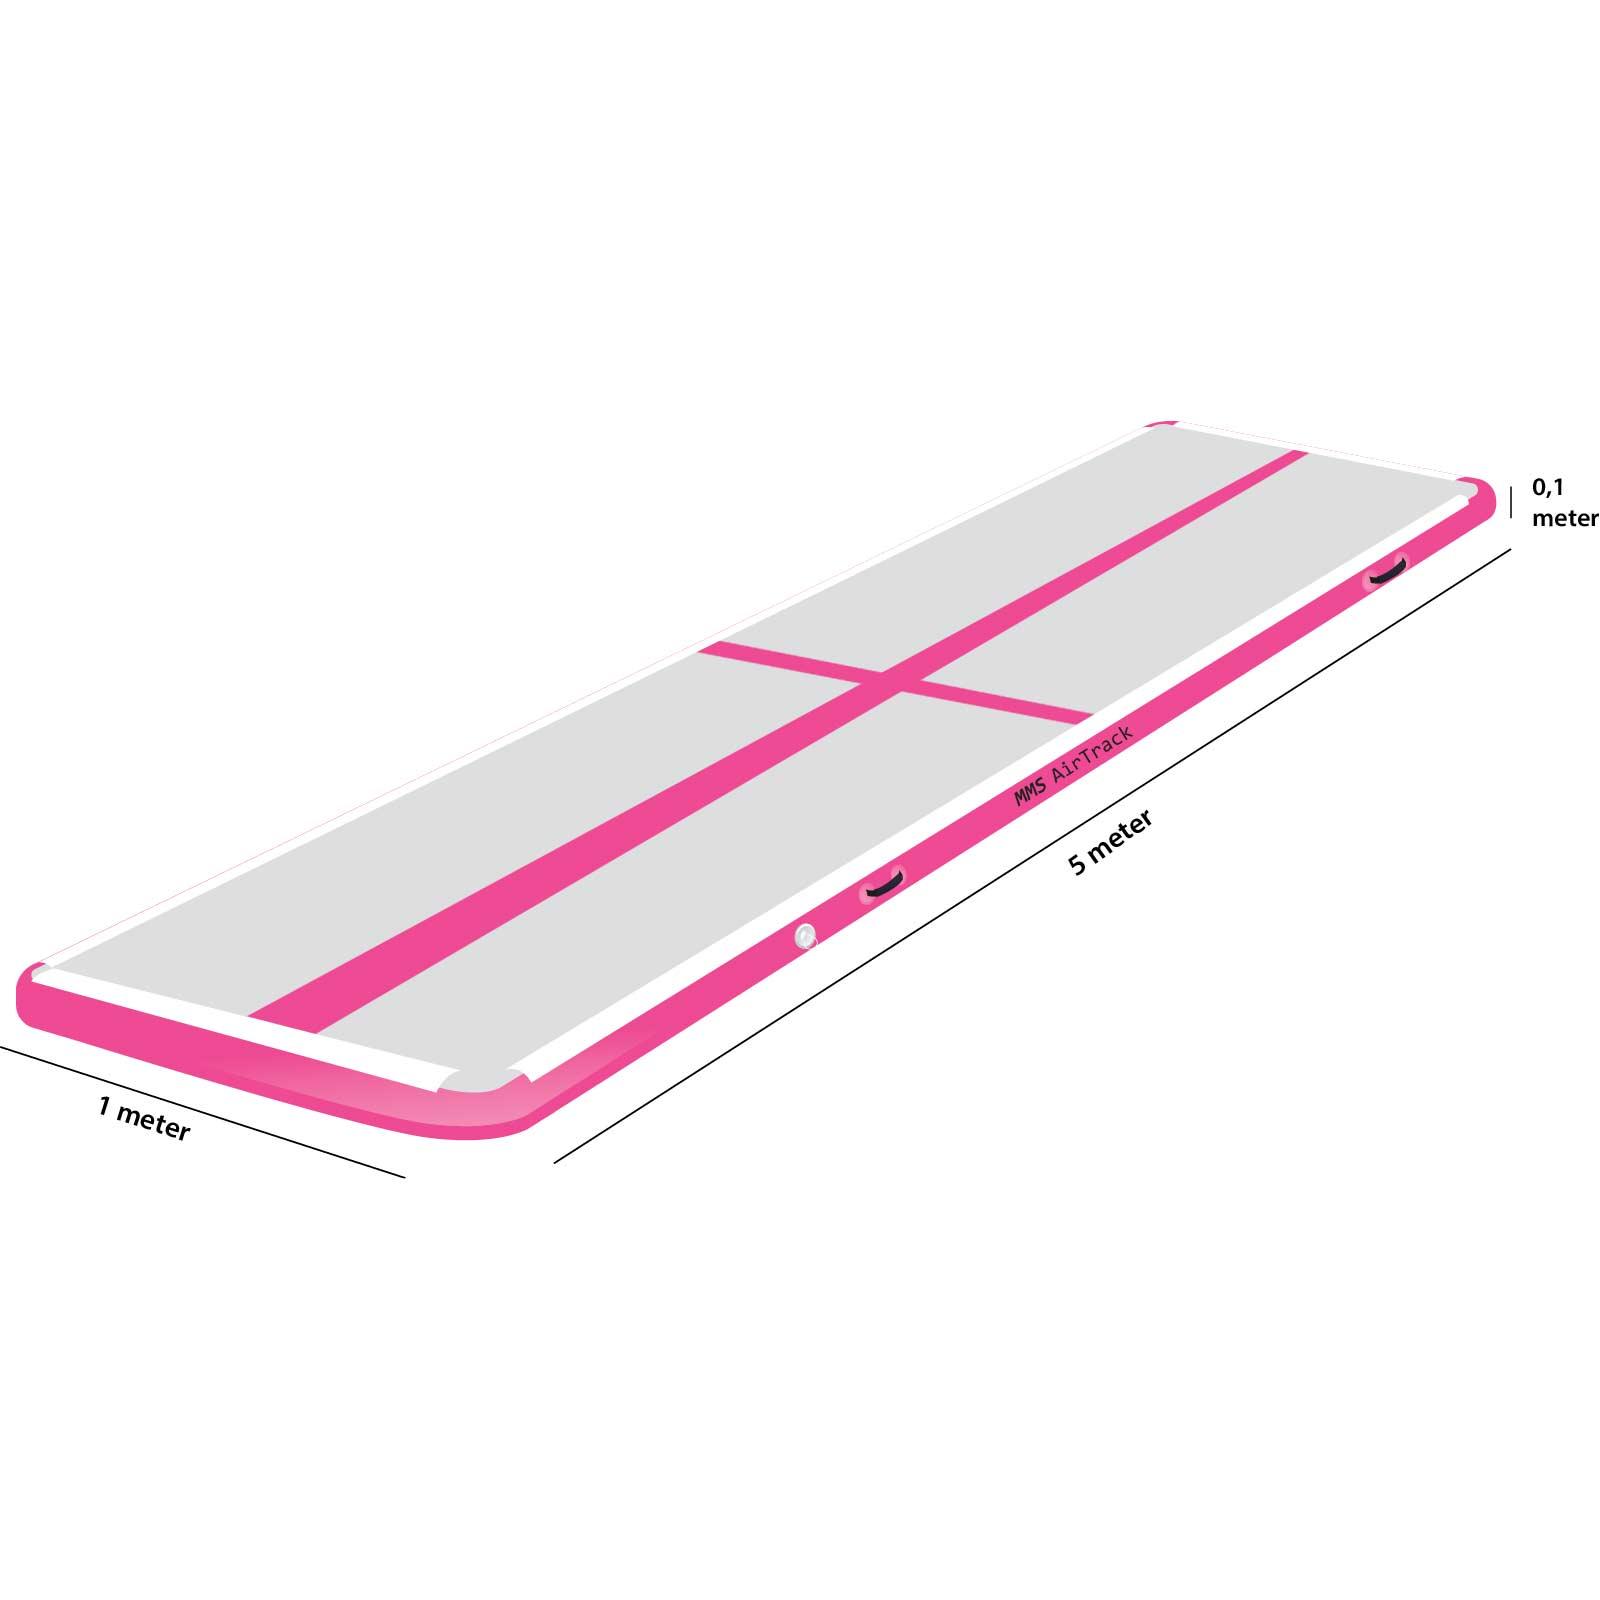 Airtrack 5 met x 1 x 0,1 roze